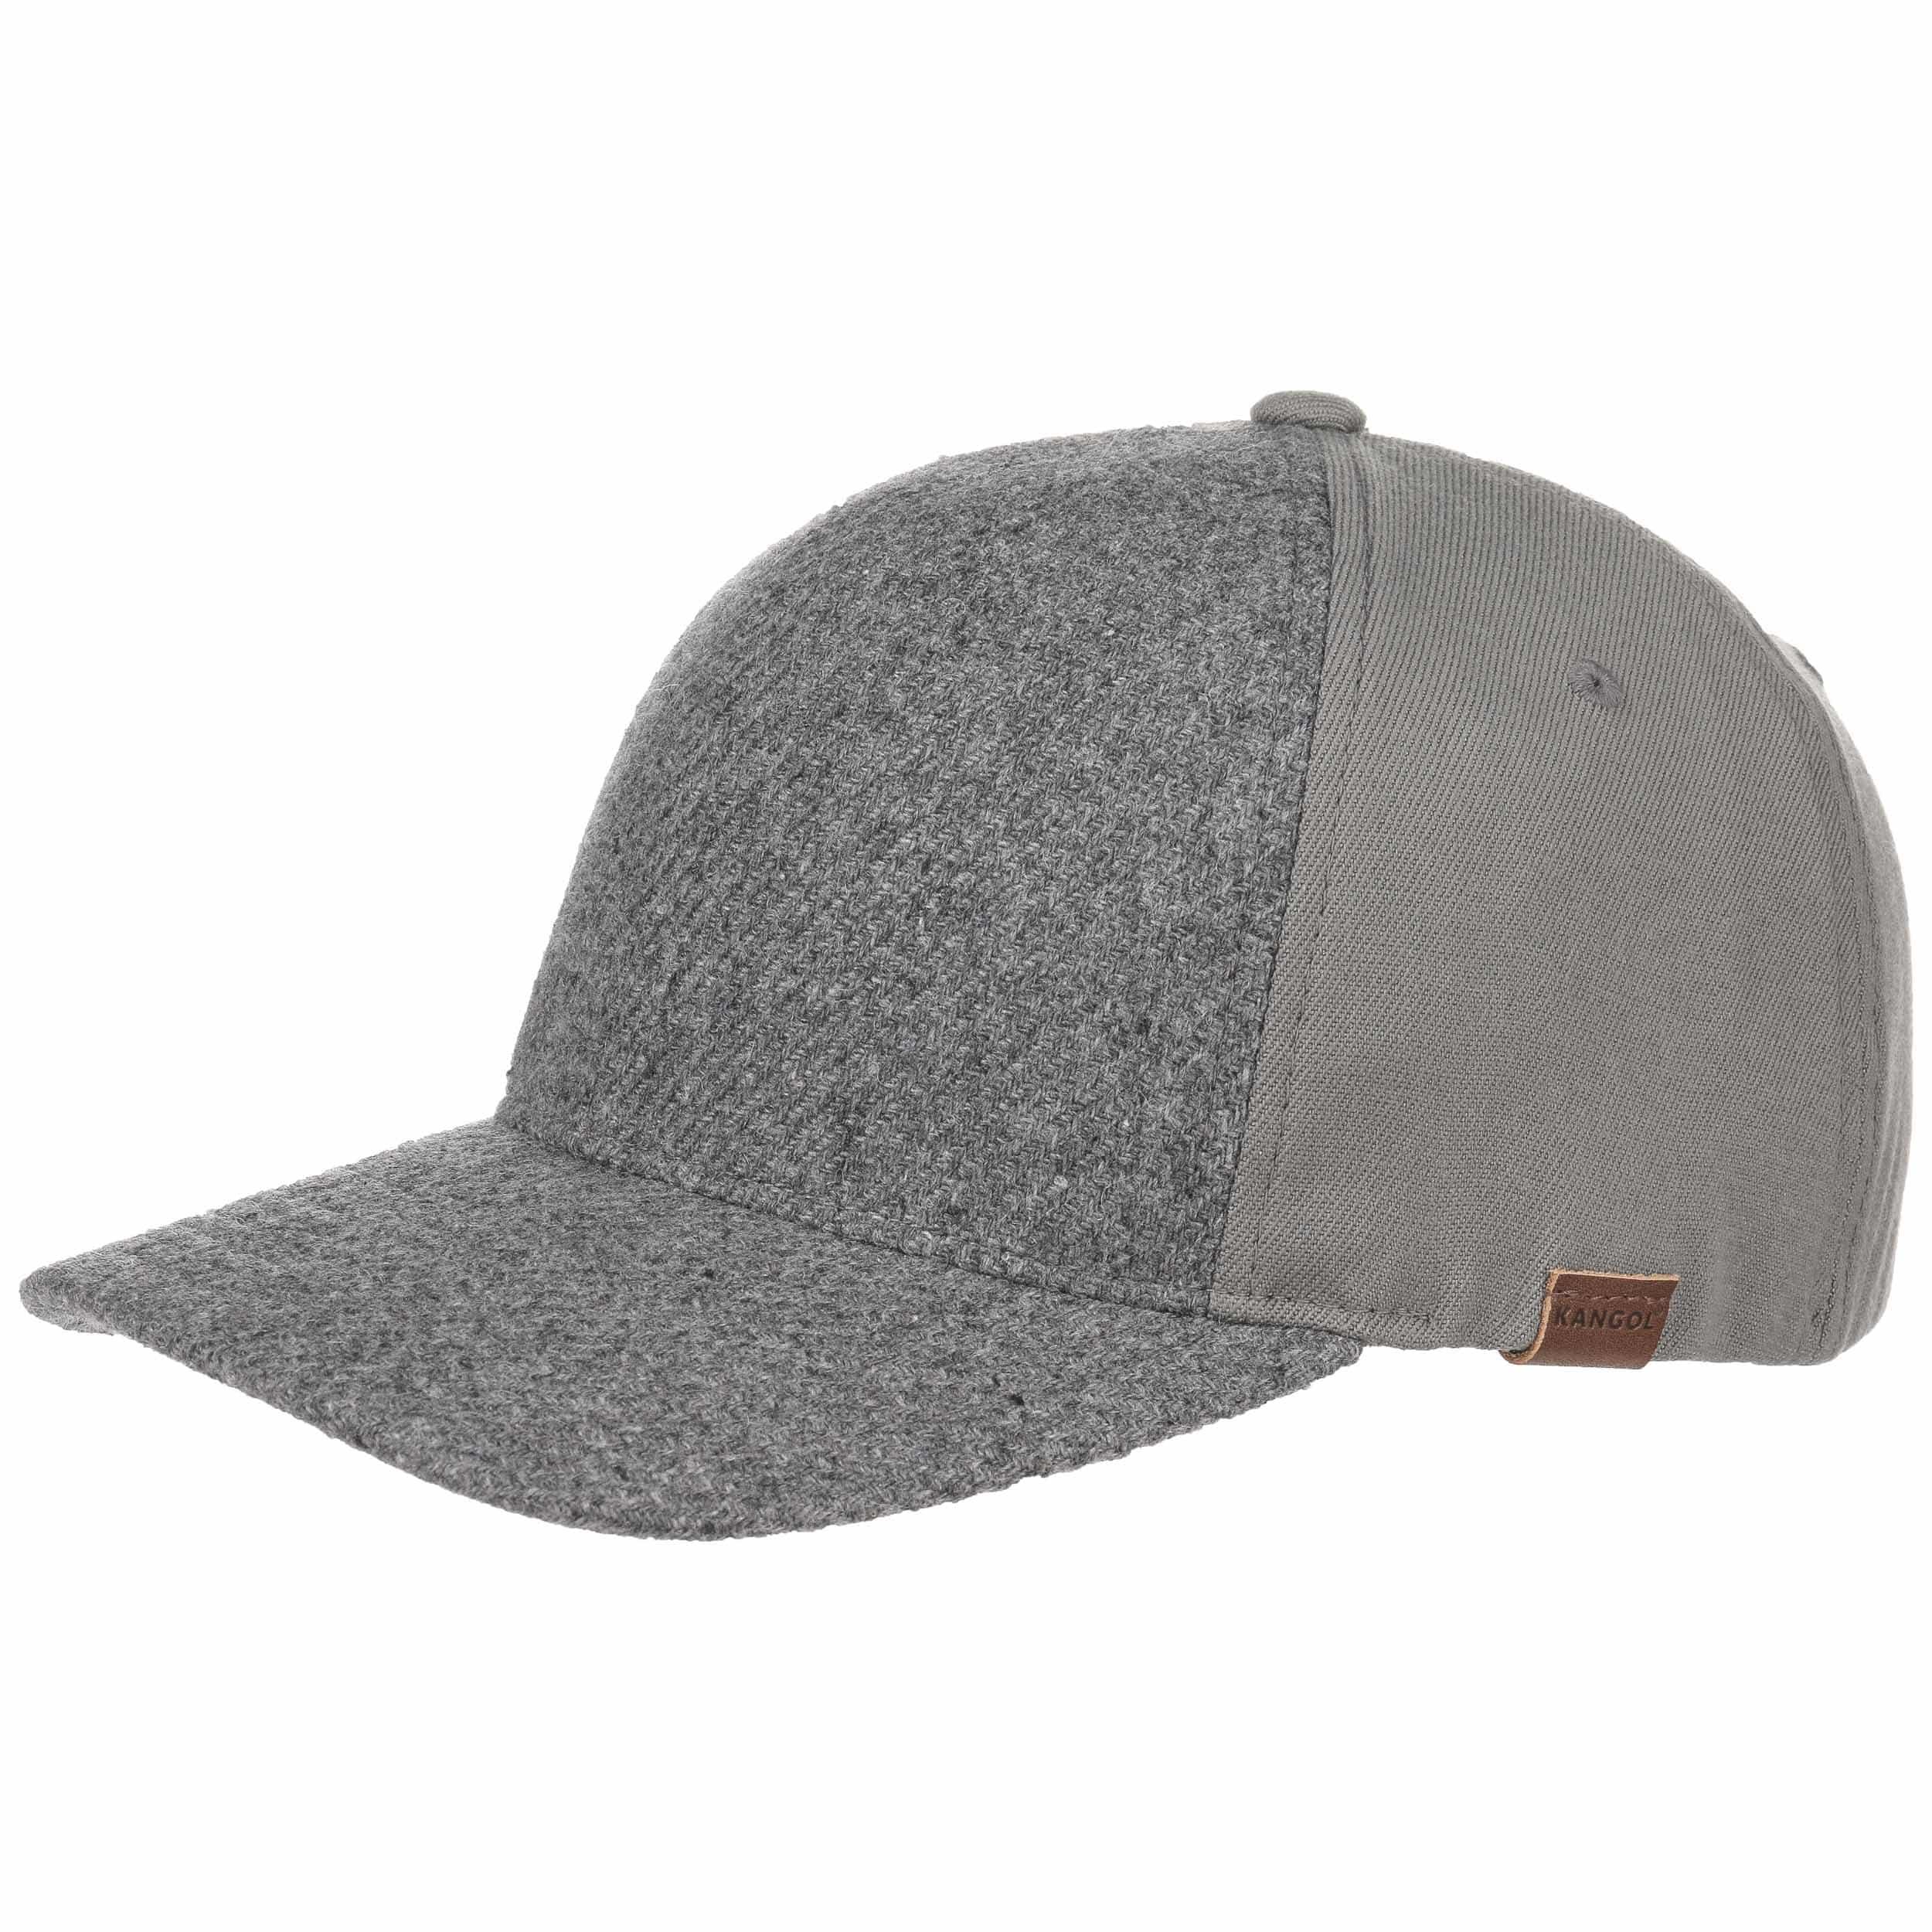 ... Textured Wool Flexfit Cap by Kangol - grey 6 ... 3d2282b3b47e